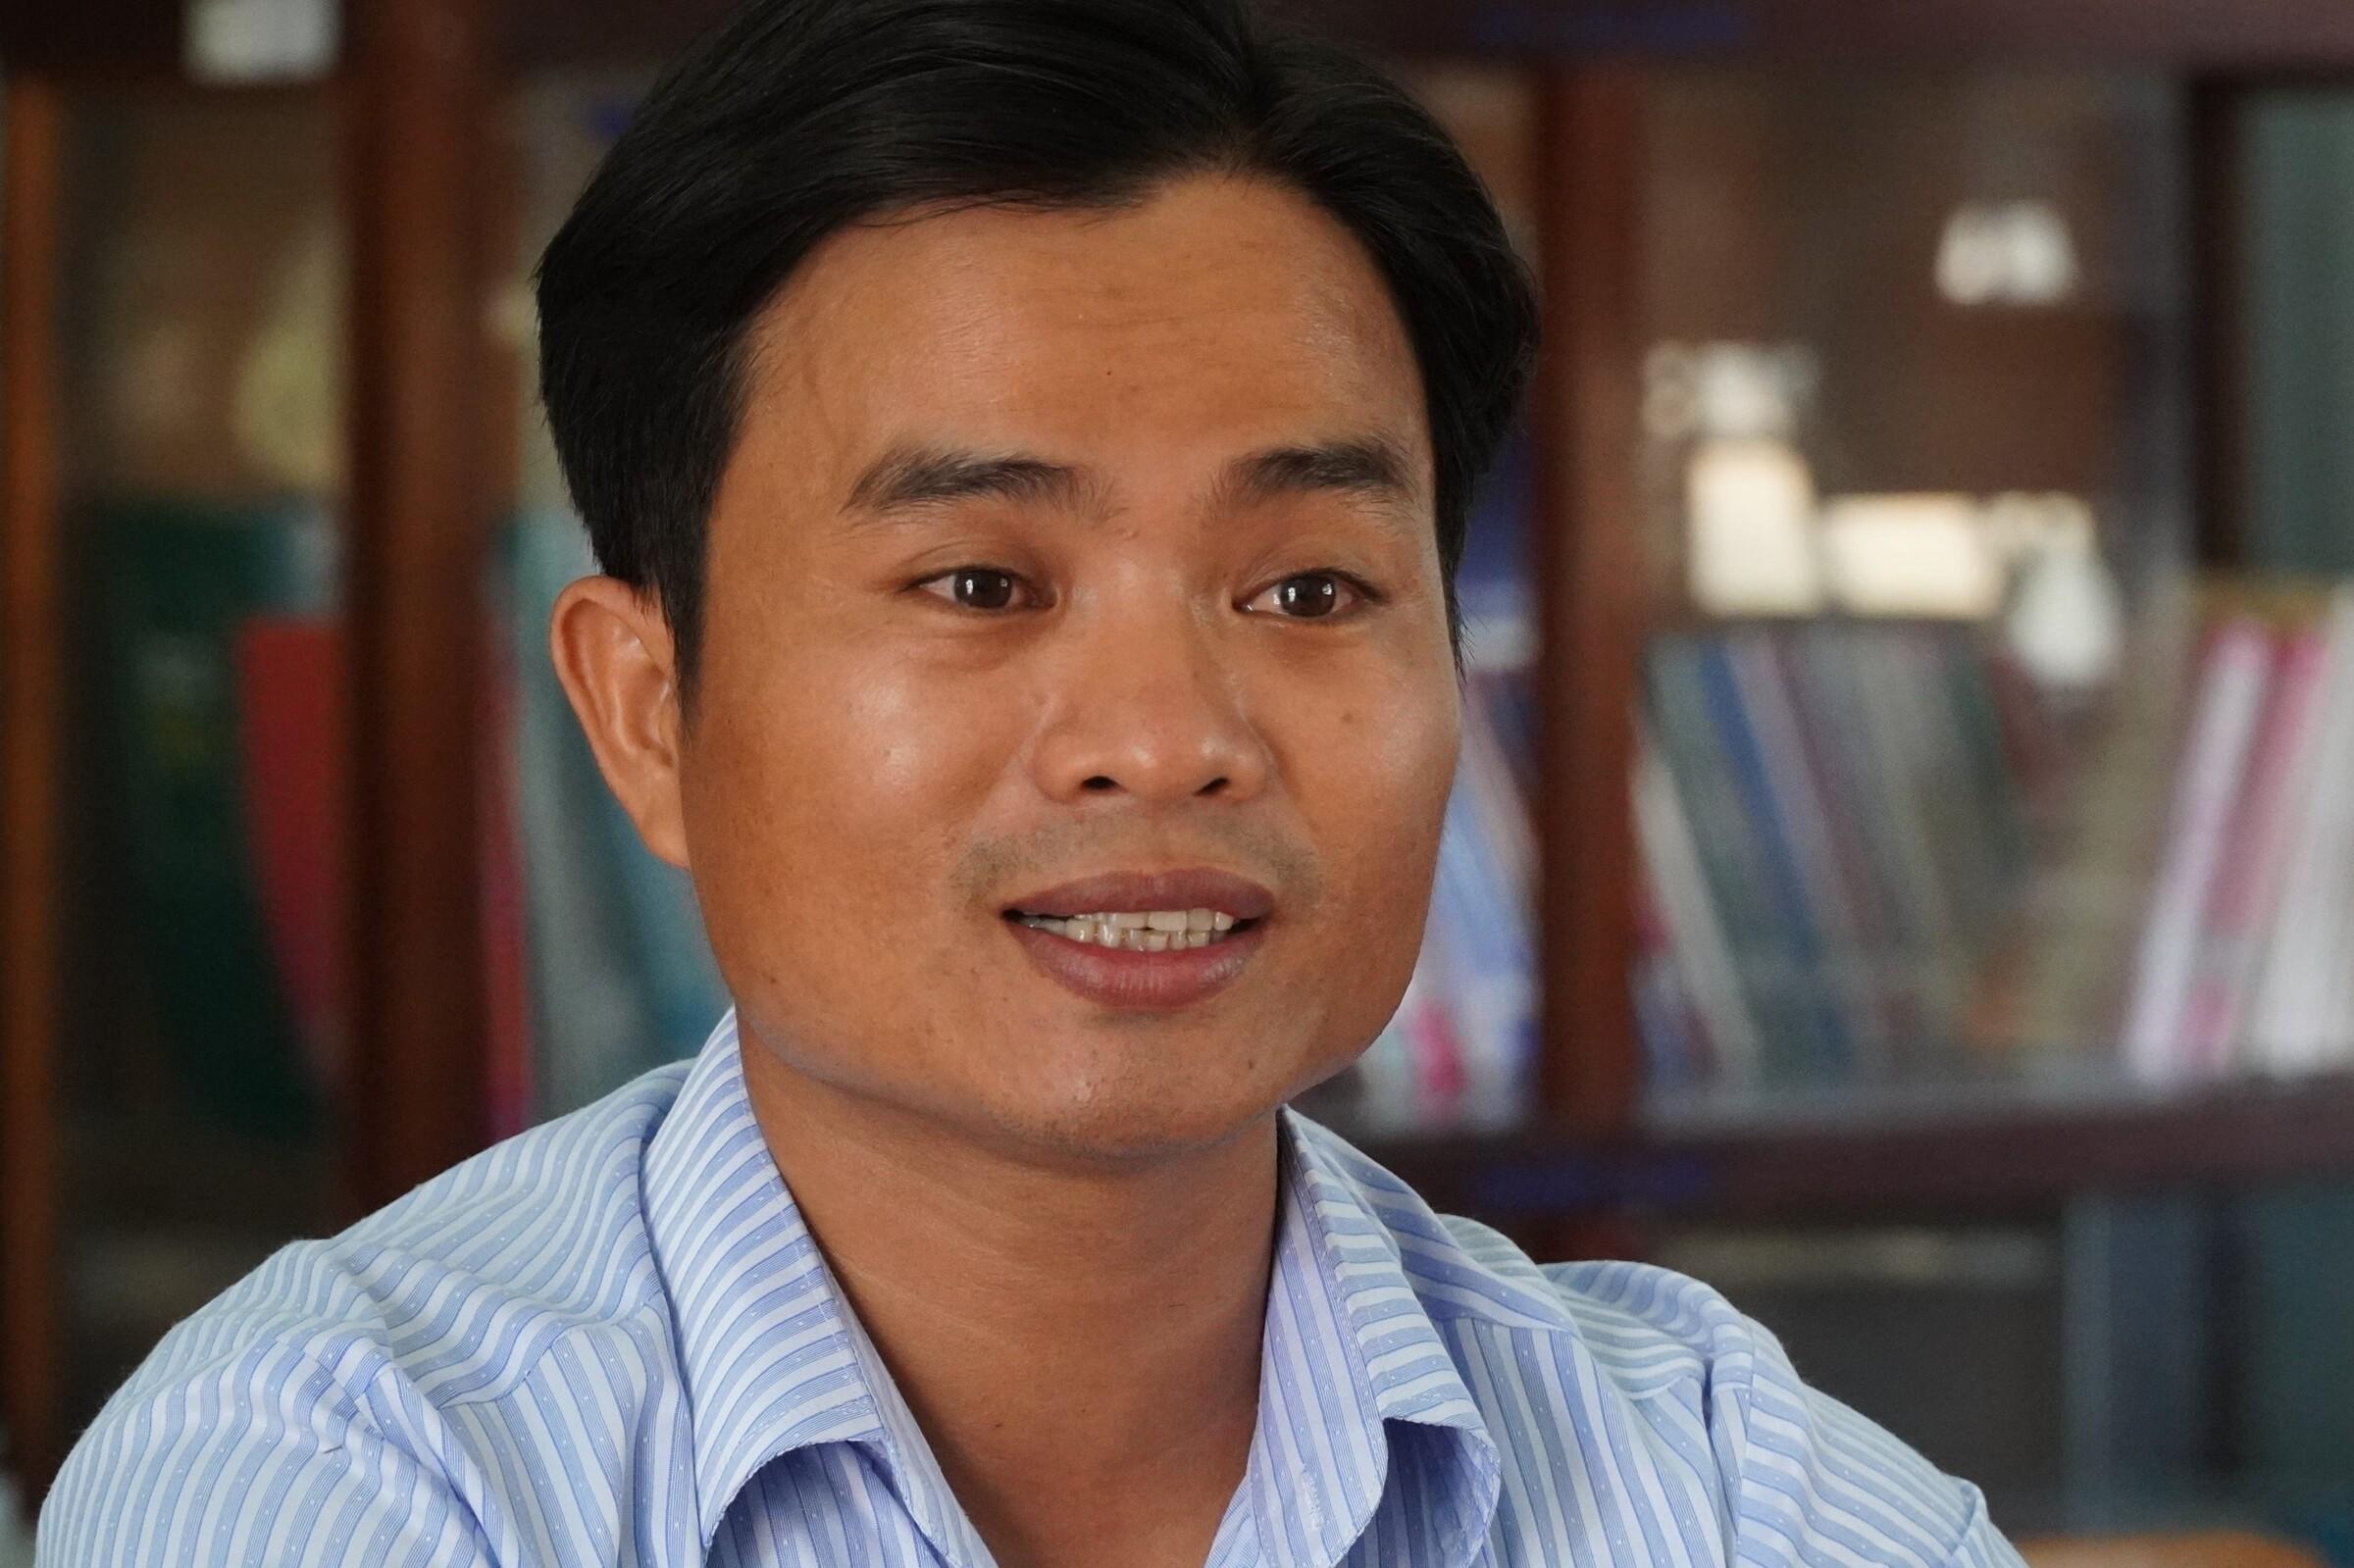 Thầy Võ Văn Cư, giáo viên Trường THPT Nguyễn Văn Trỗi (huyện Tánh Linh, tỉnh Bình Thuận), người đã cứu học trò gặp tai nạn giao thông vượt qua nguy kịch. Ảnh: Việt Quốc.